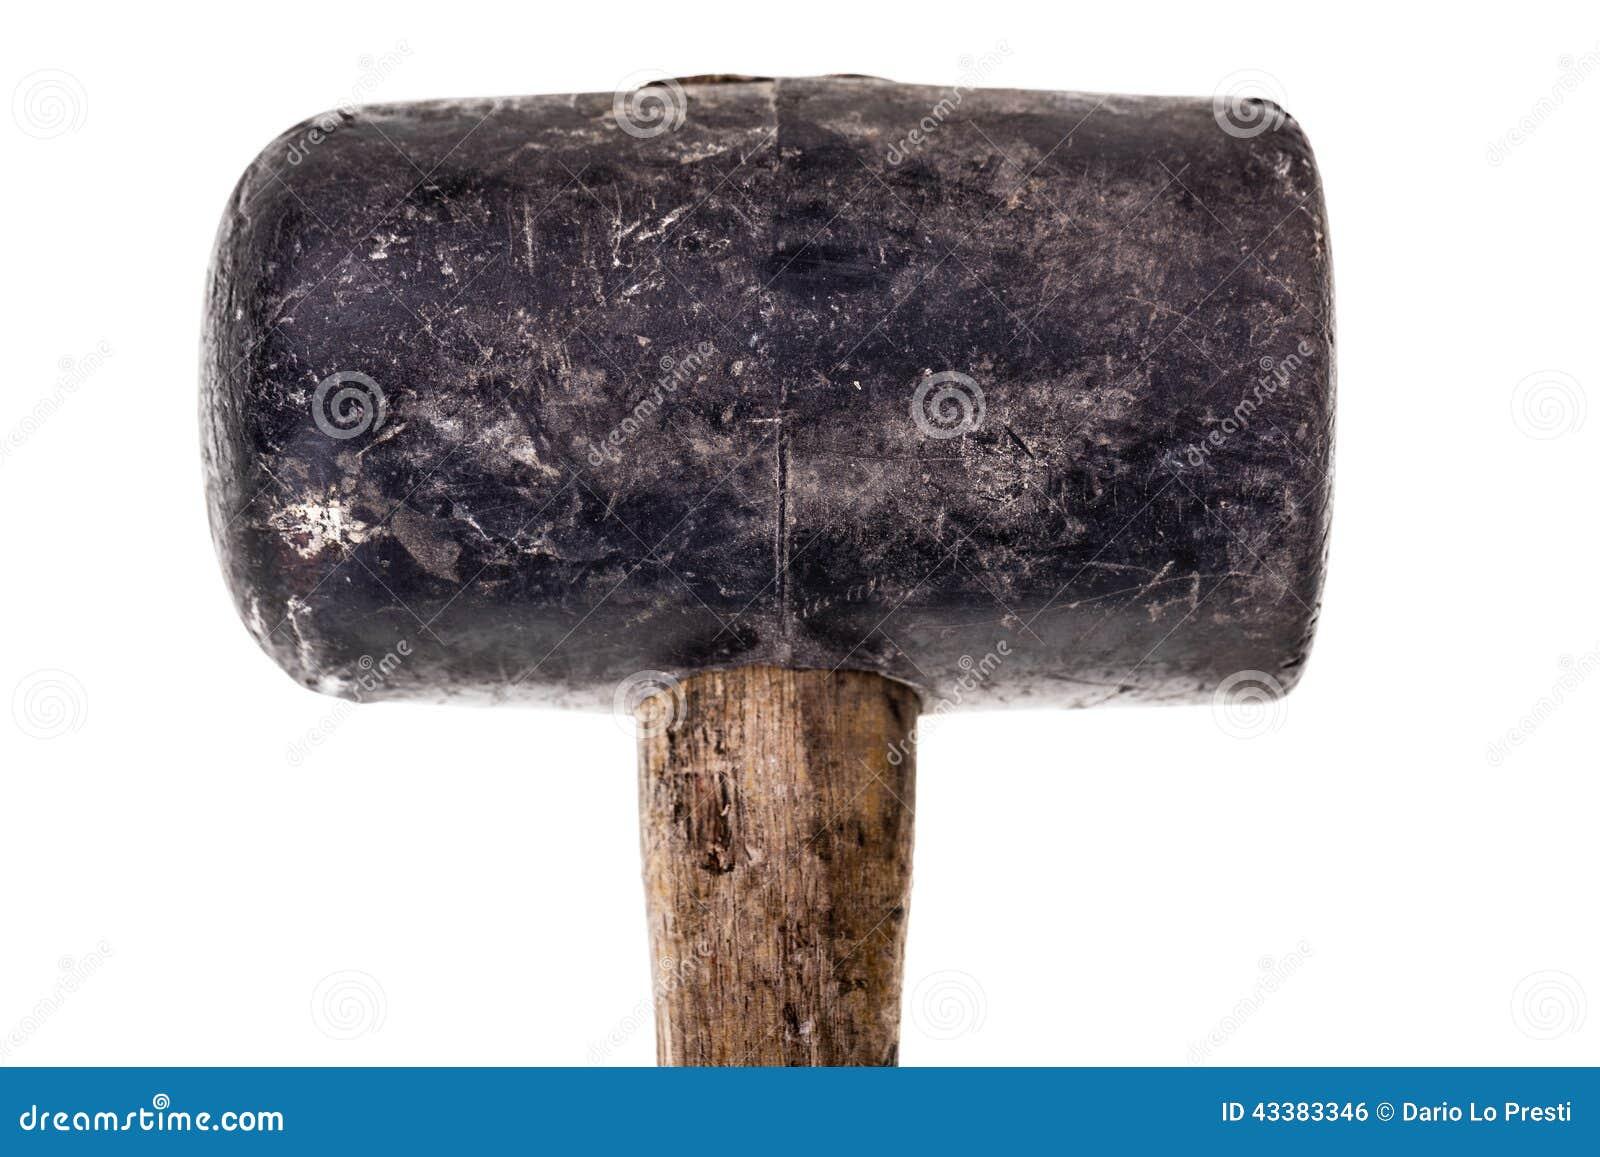 Rubber mallet head